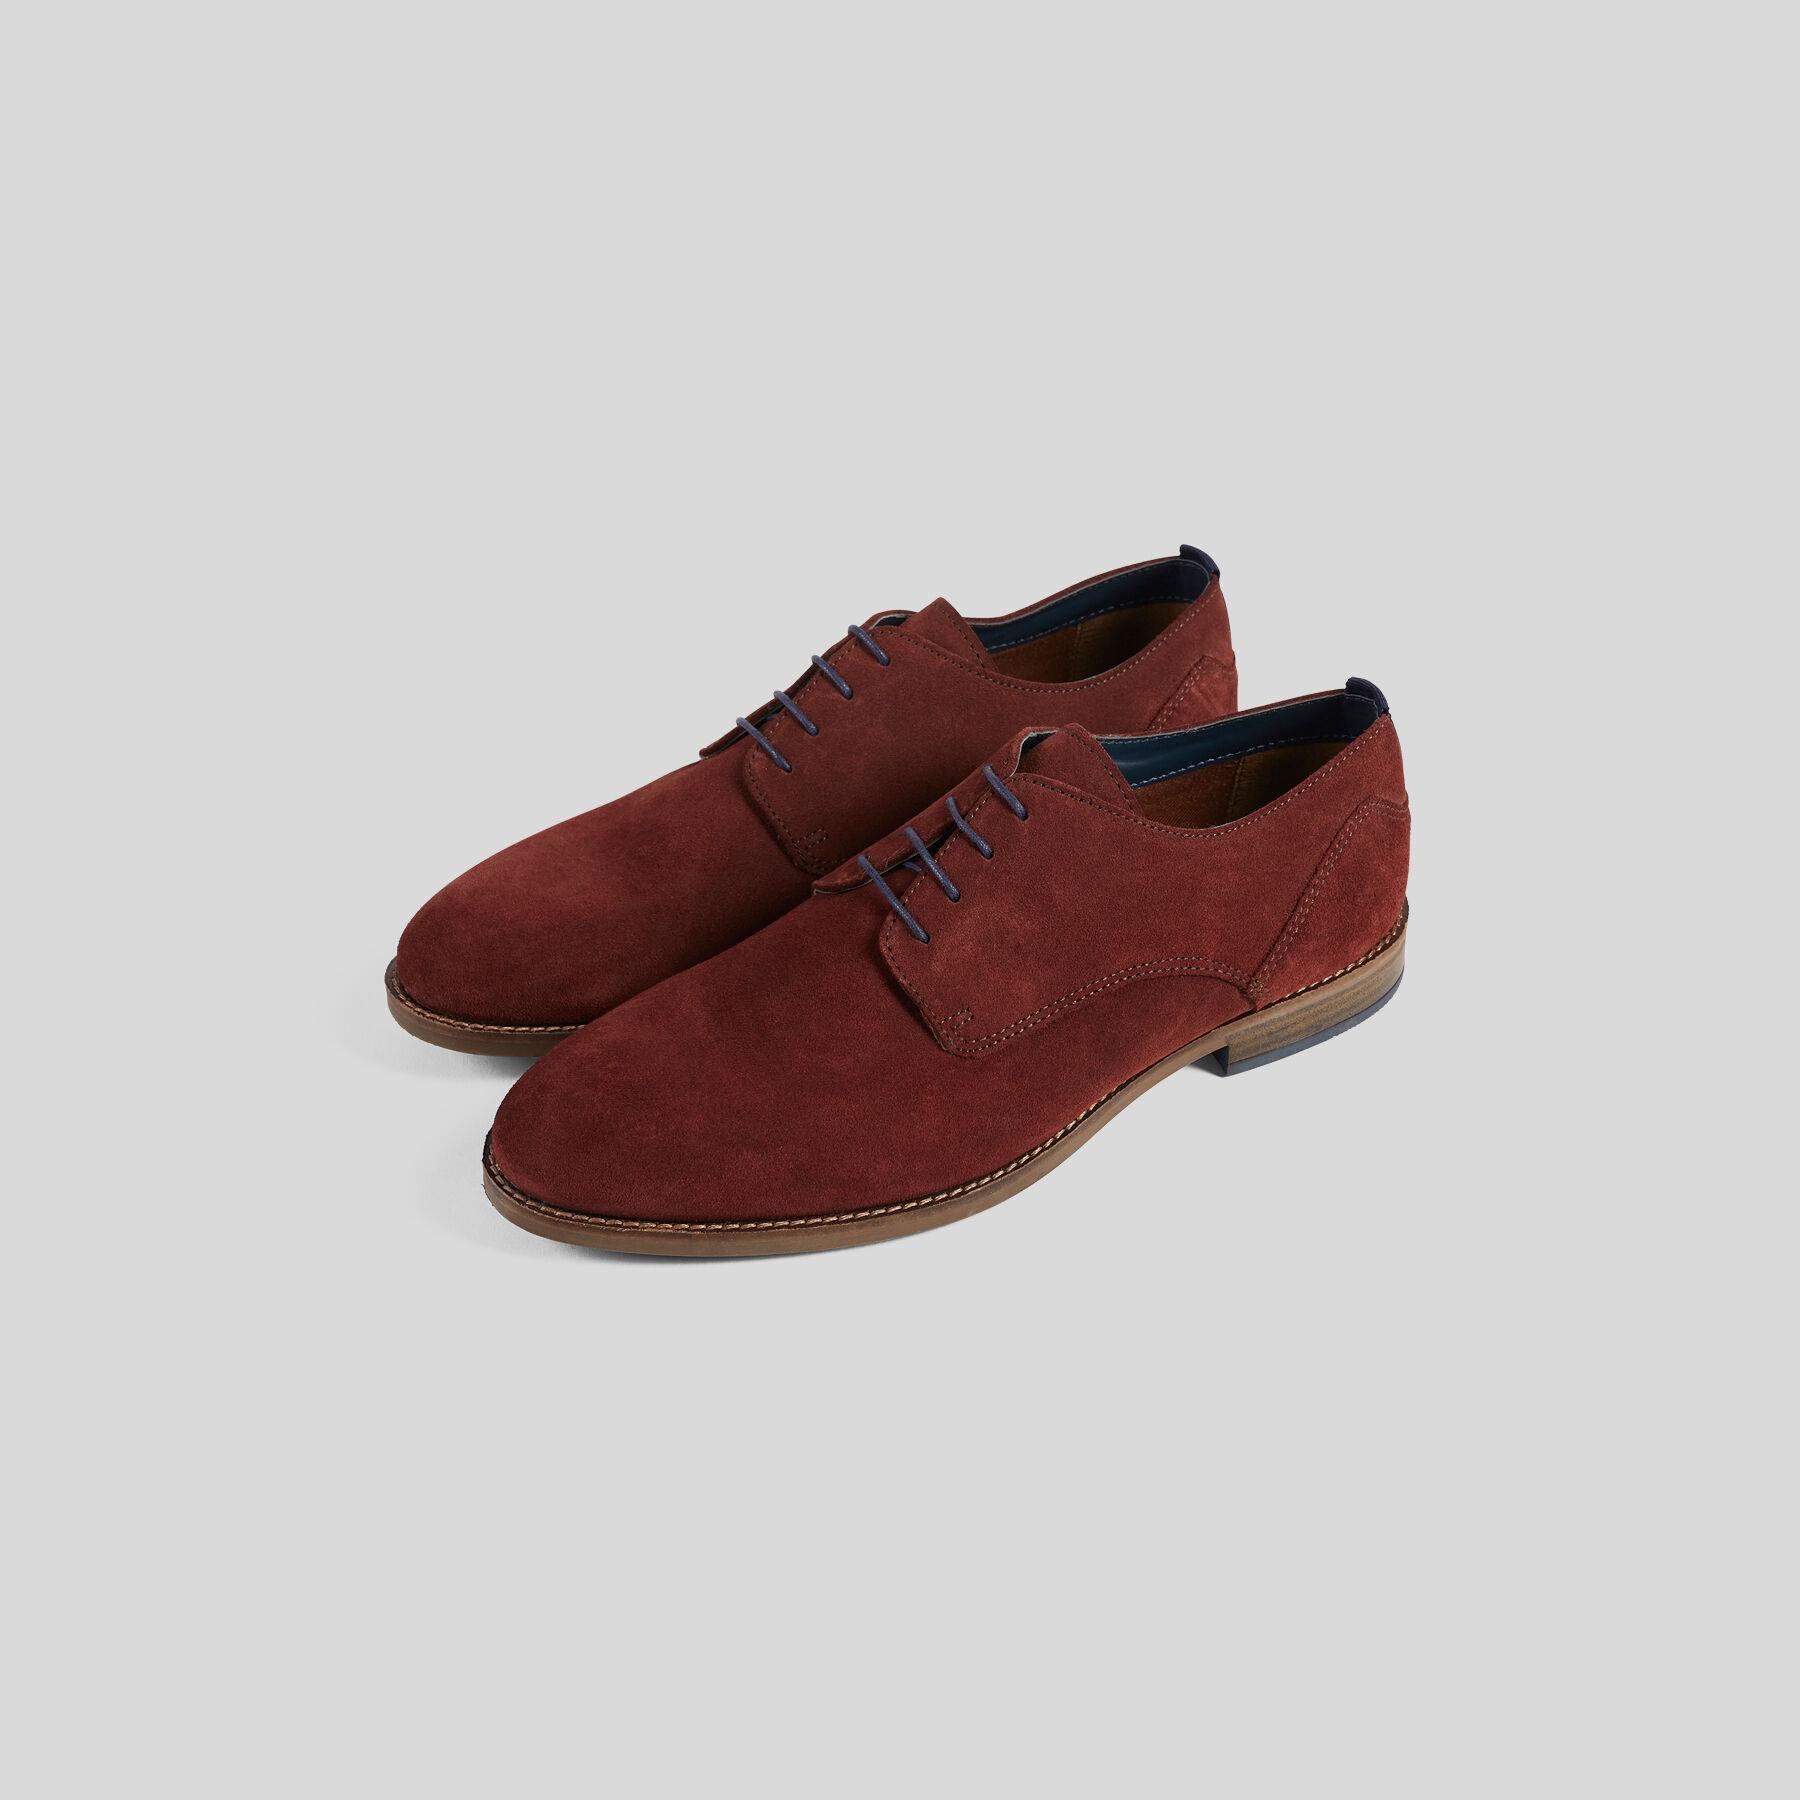 Zapatos hombreBotas de cuero hombreZapatos Jules de de CroxeBd